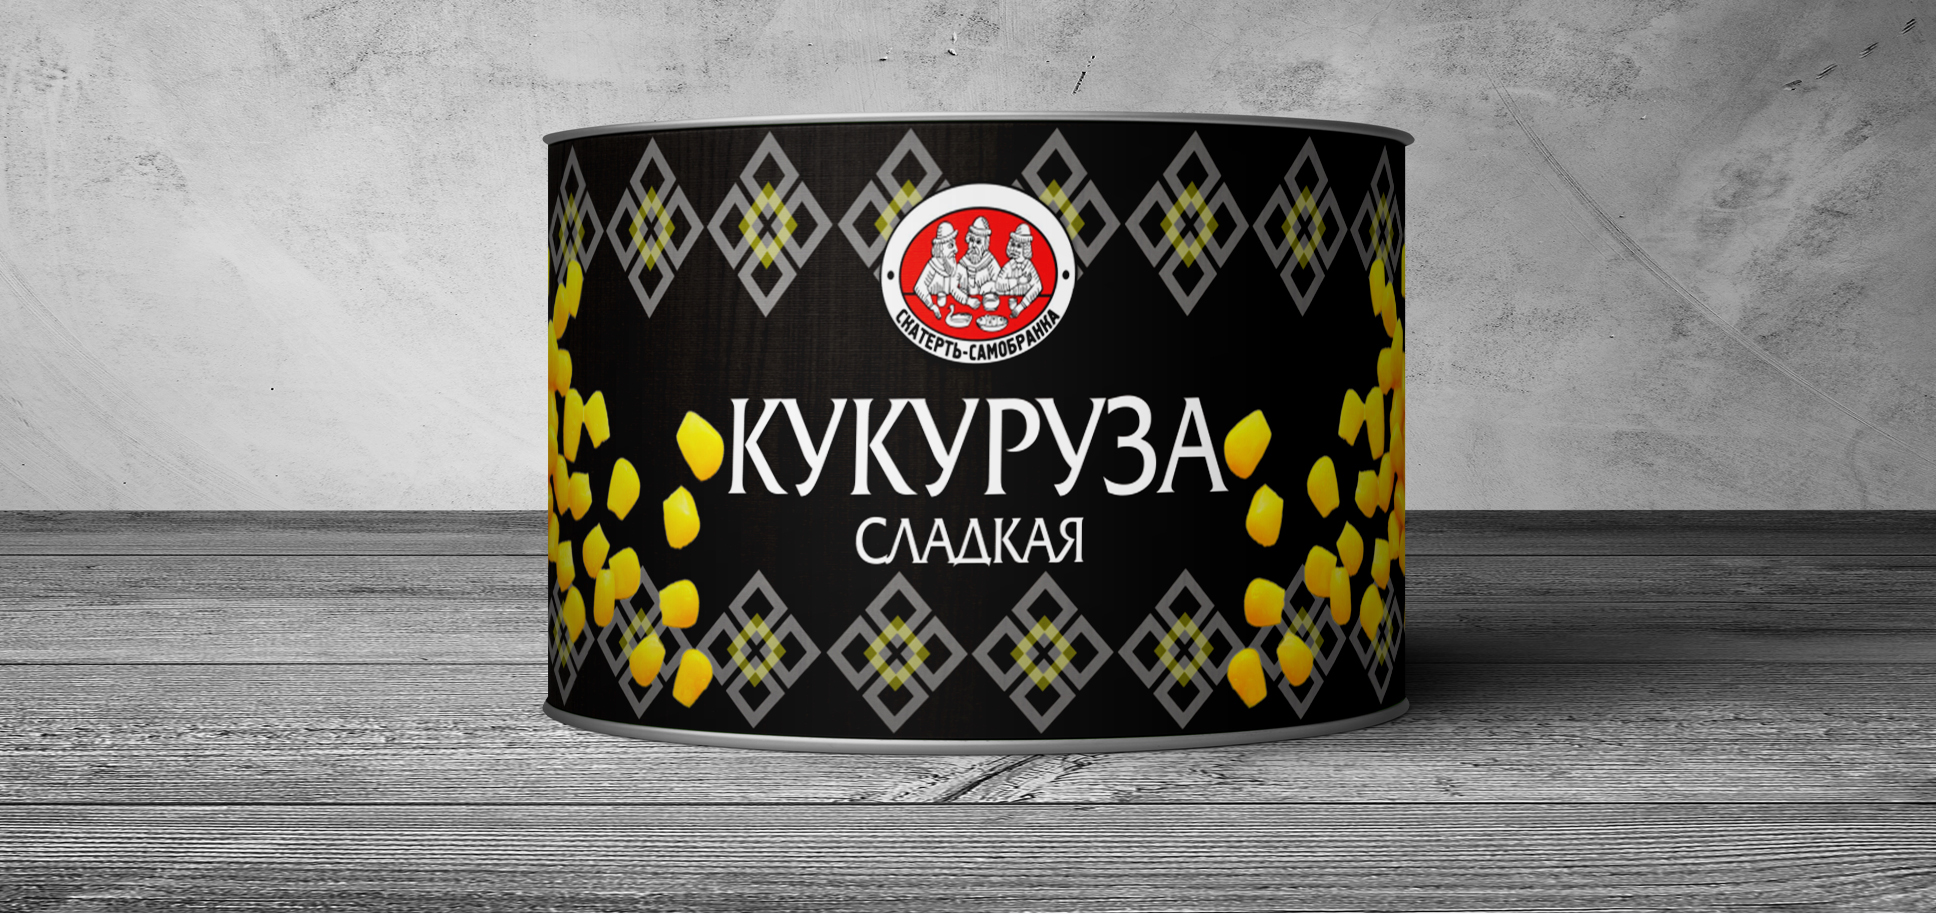 Разработка дизайна этикетки (рестайлинг имеющегося бренда) фото f_592596927927607a.jpg